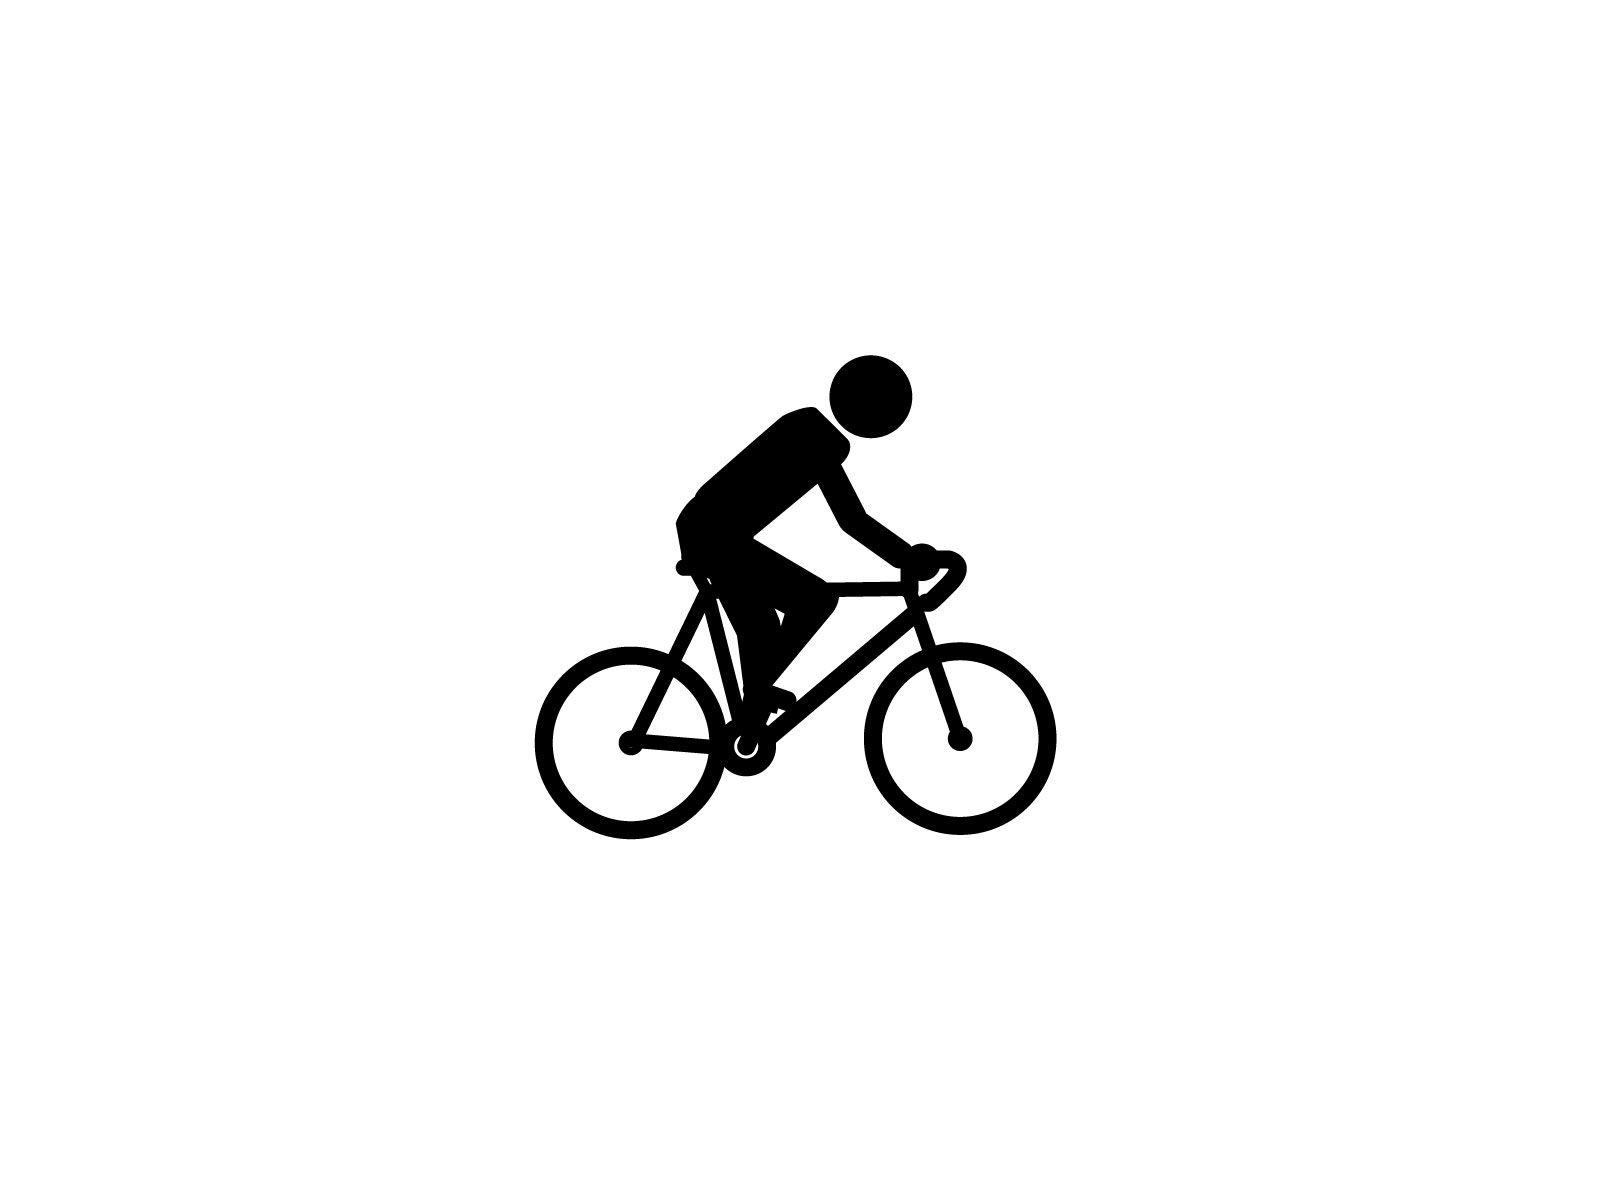 桐谷さんと自転車イメージ